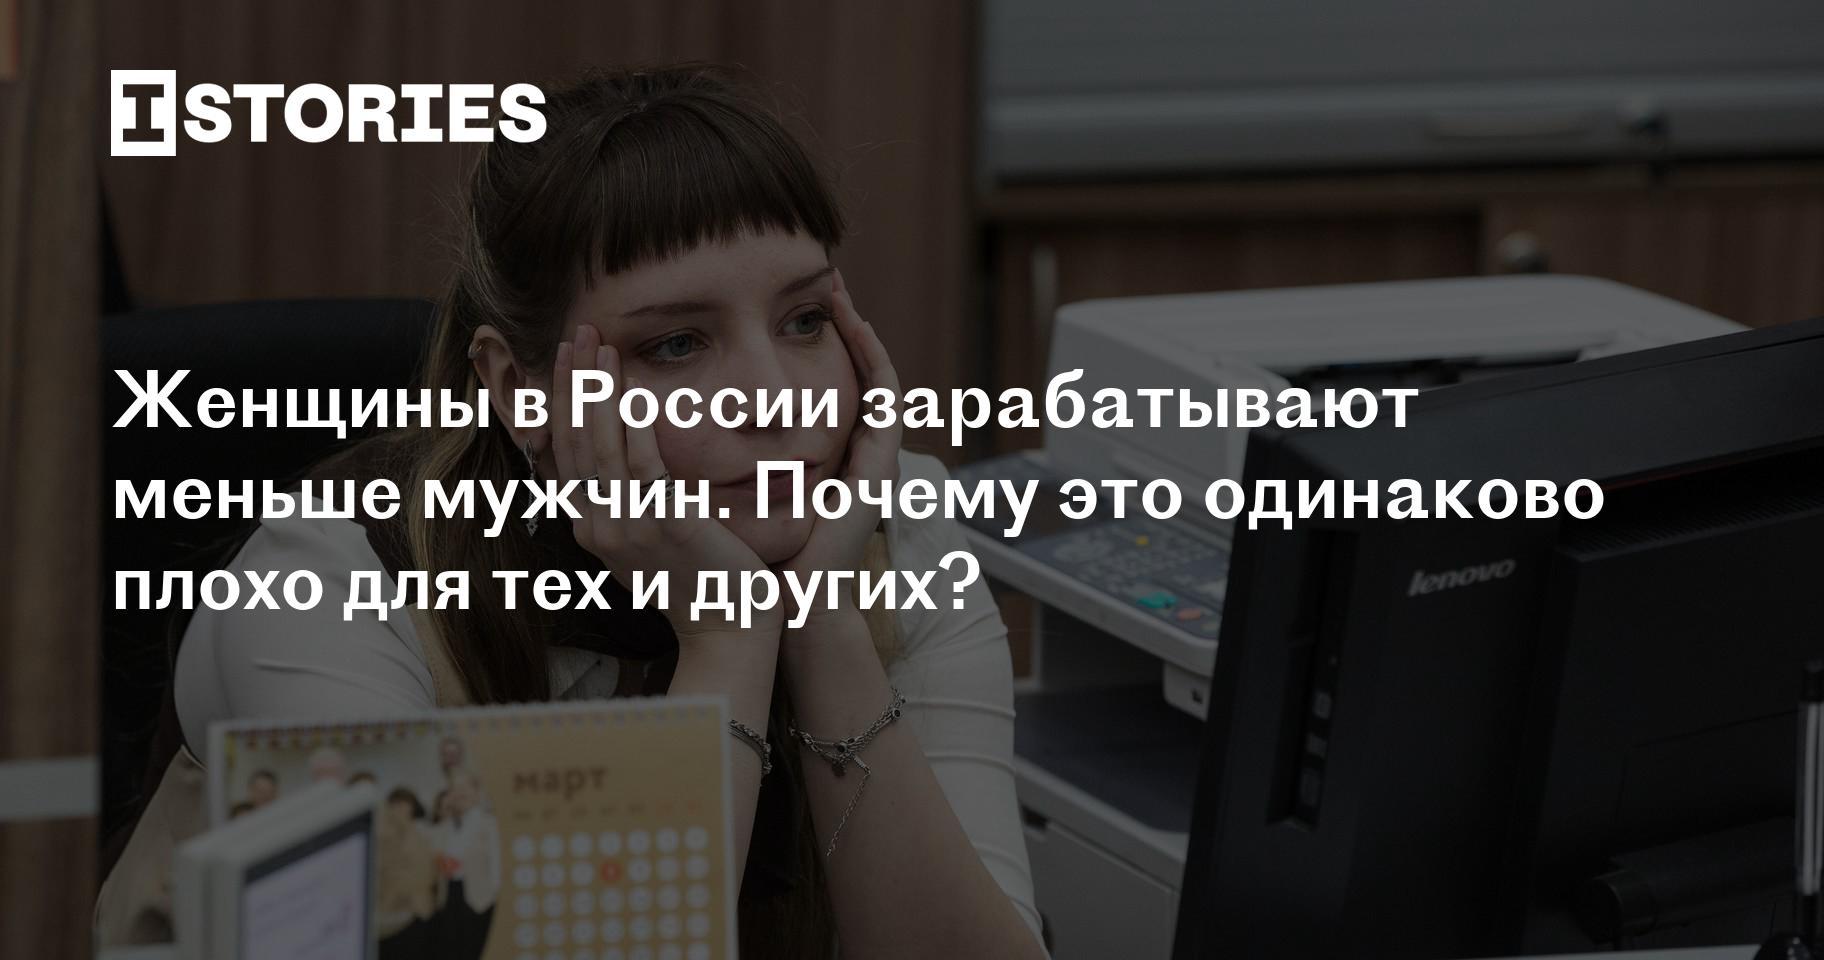 Приставание к девушкам на работе как называется заработать онлайн артёмовск